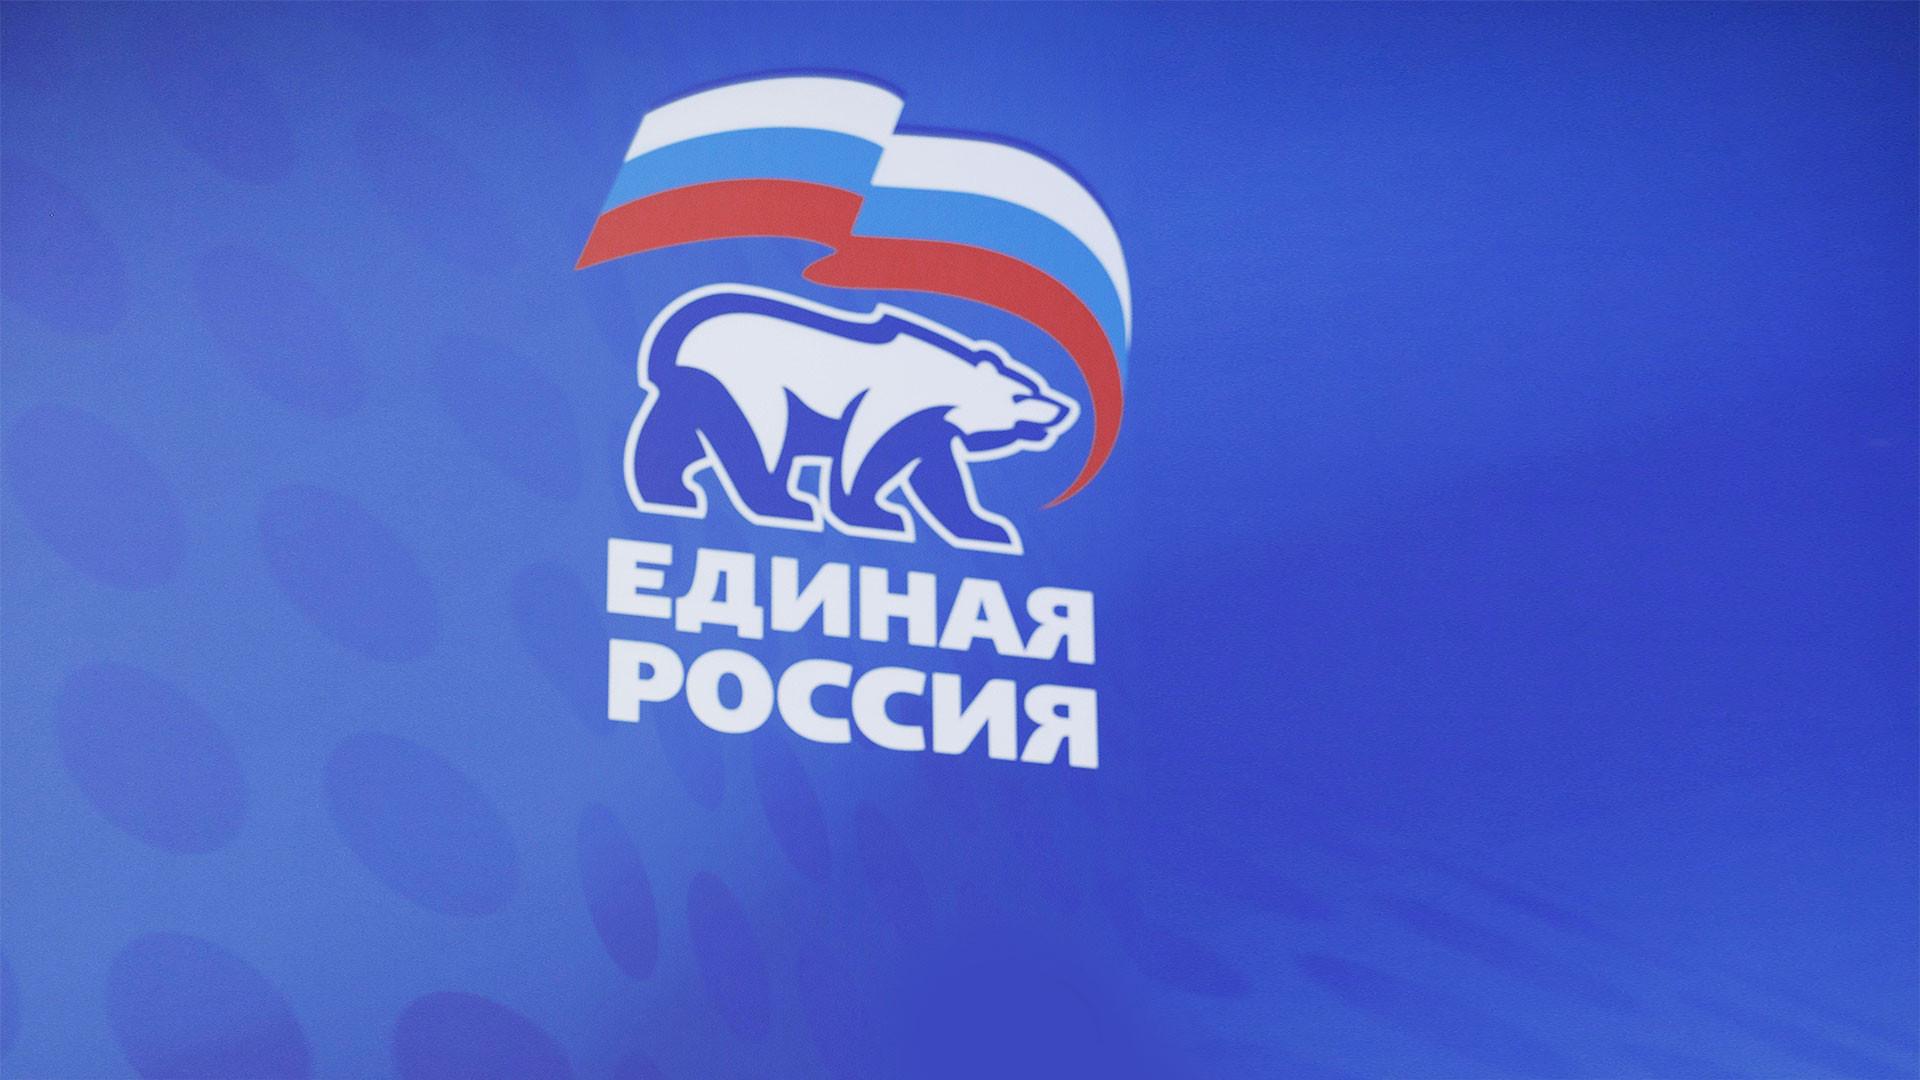 Единая россия картинка с анимацией